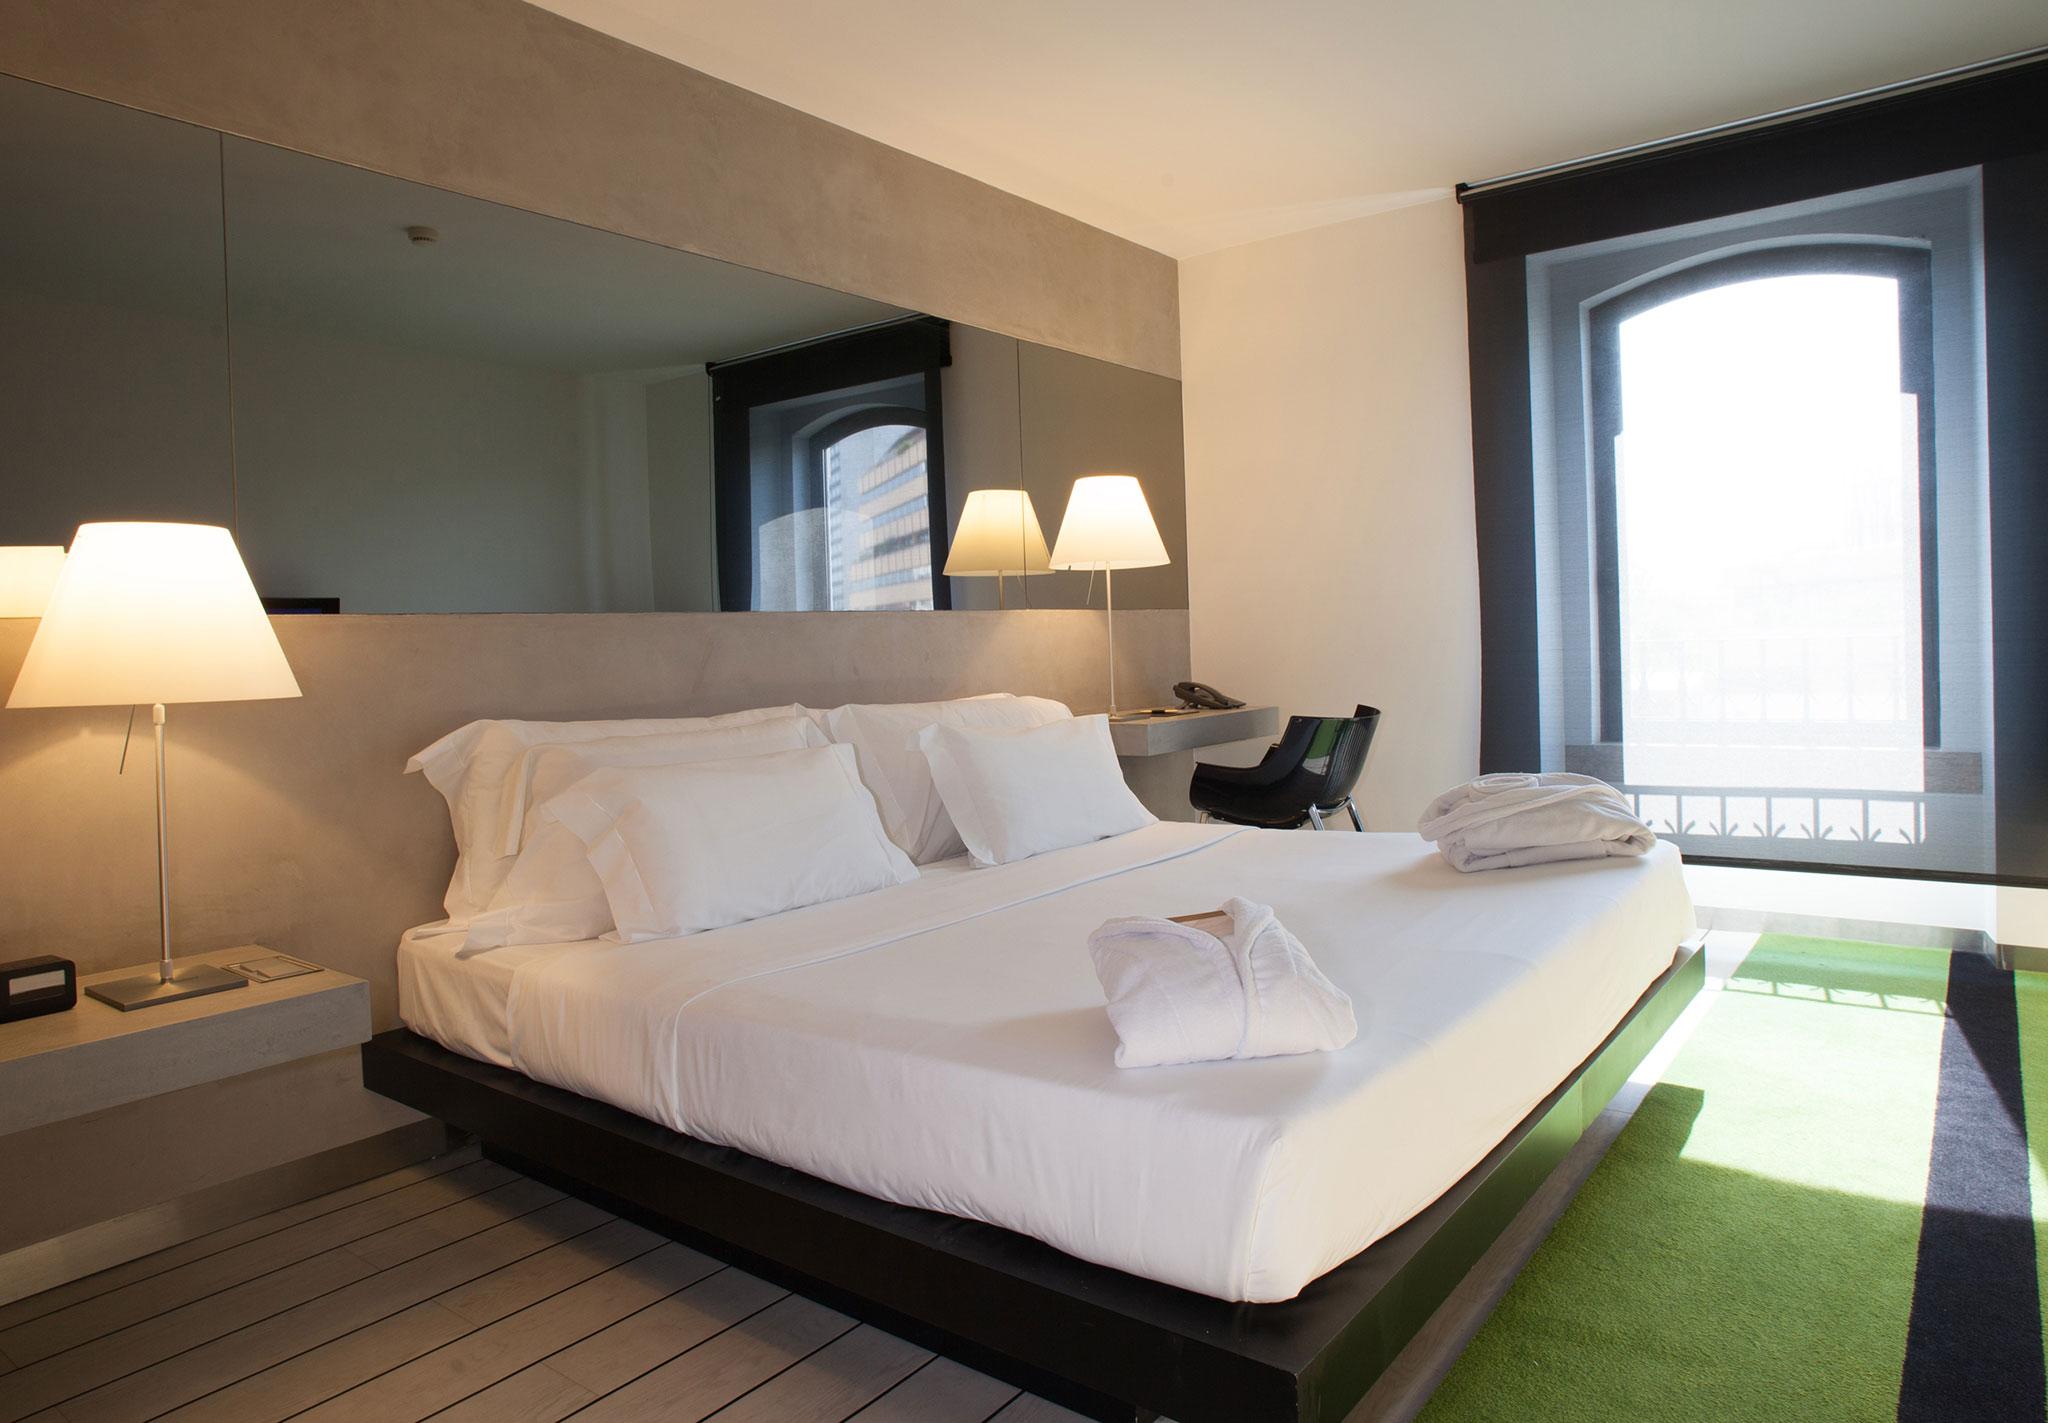 Hotels in Lissabon, Lissabon Hotels, Fontana Park